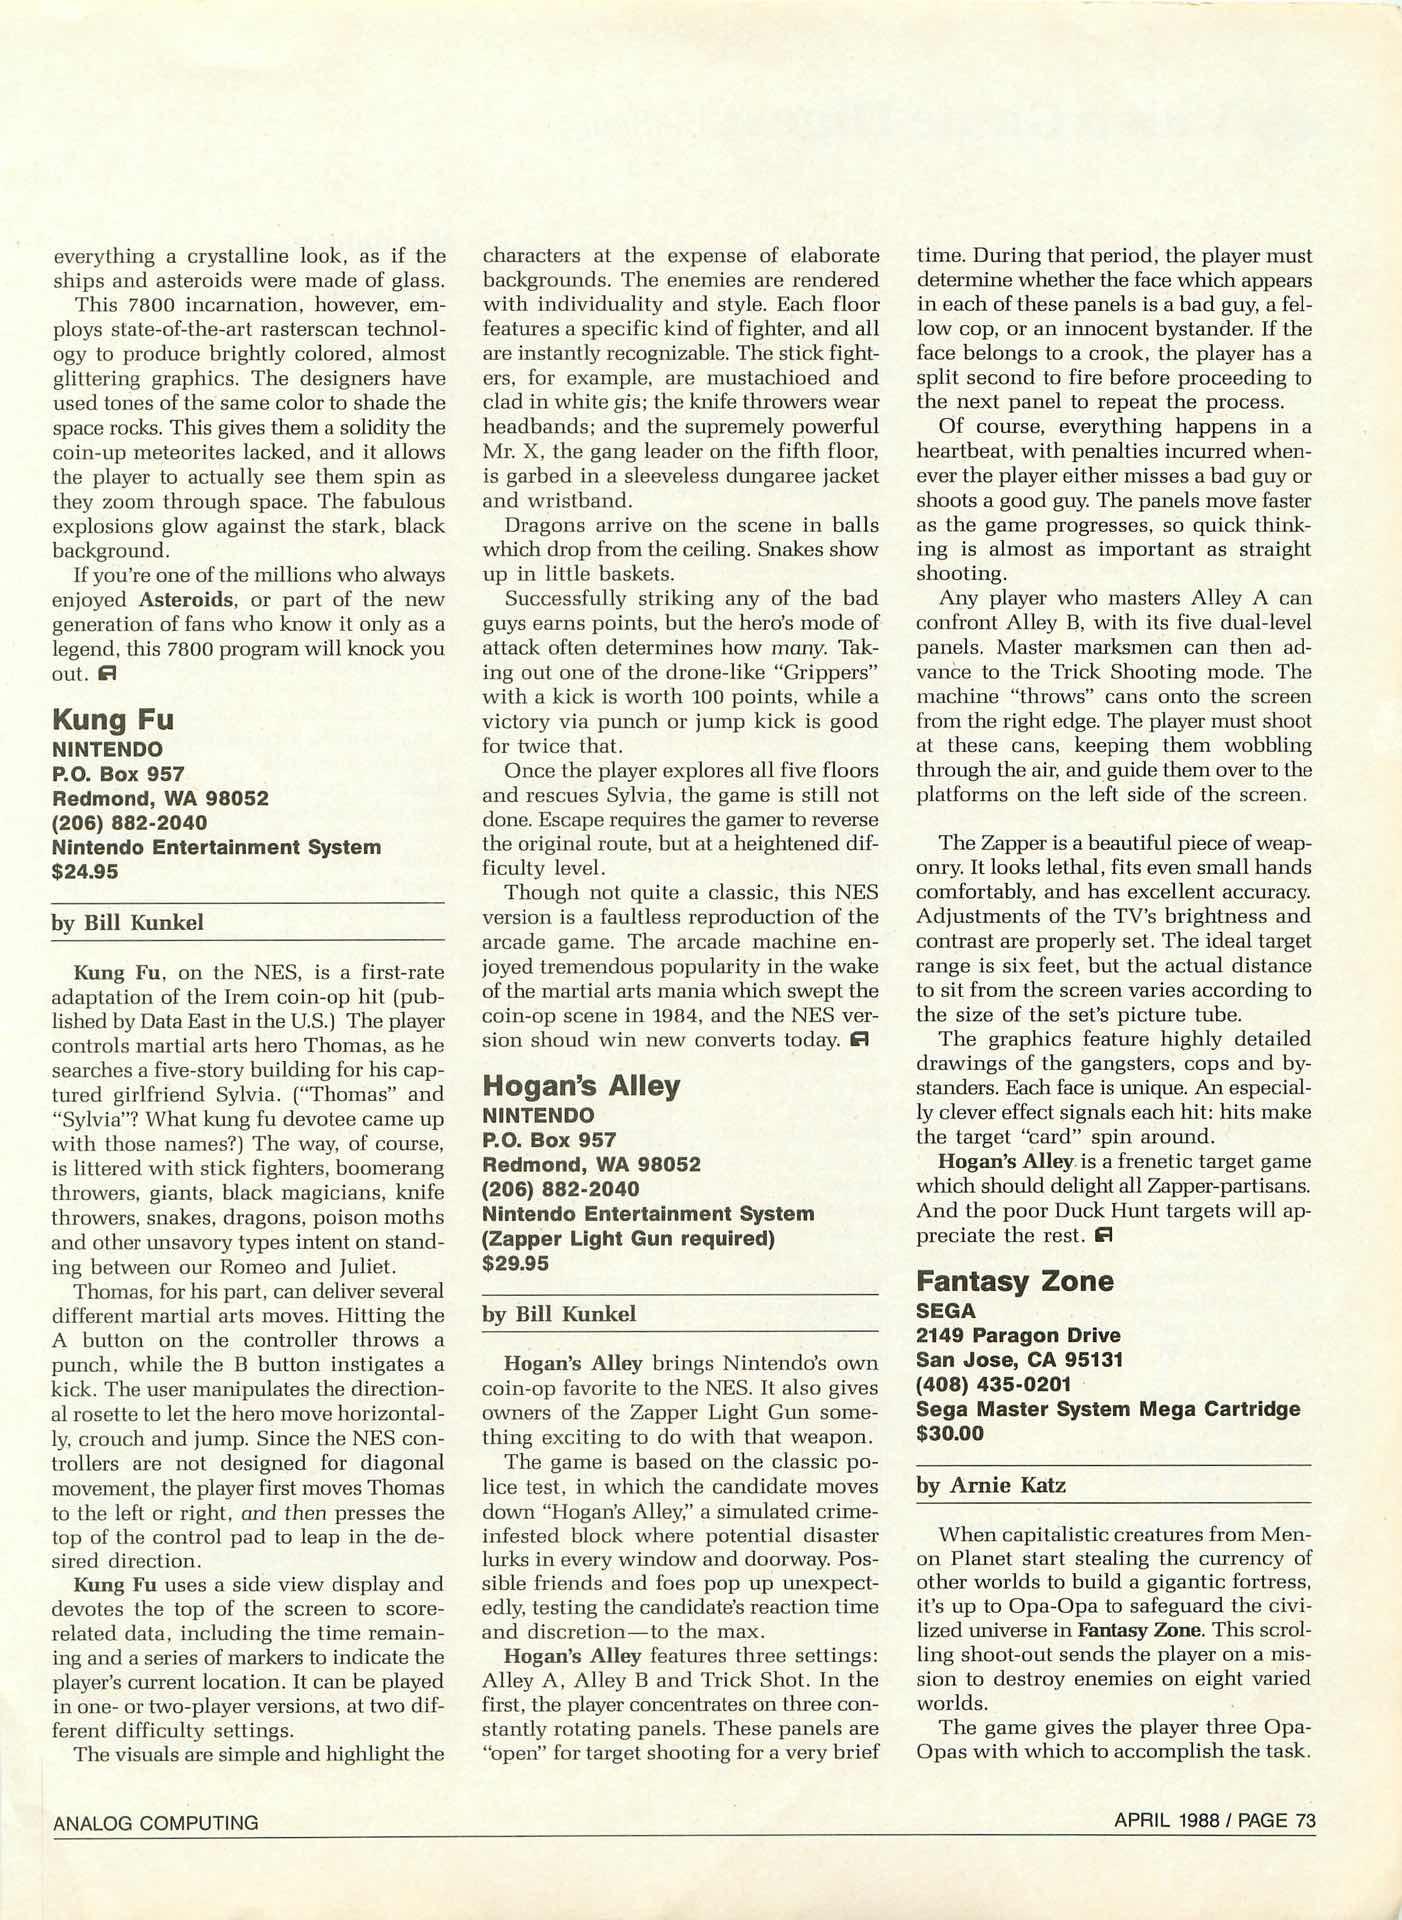 Analog Computing - April 1988 - Kung Fu Hogans Alley